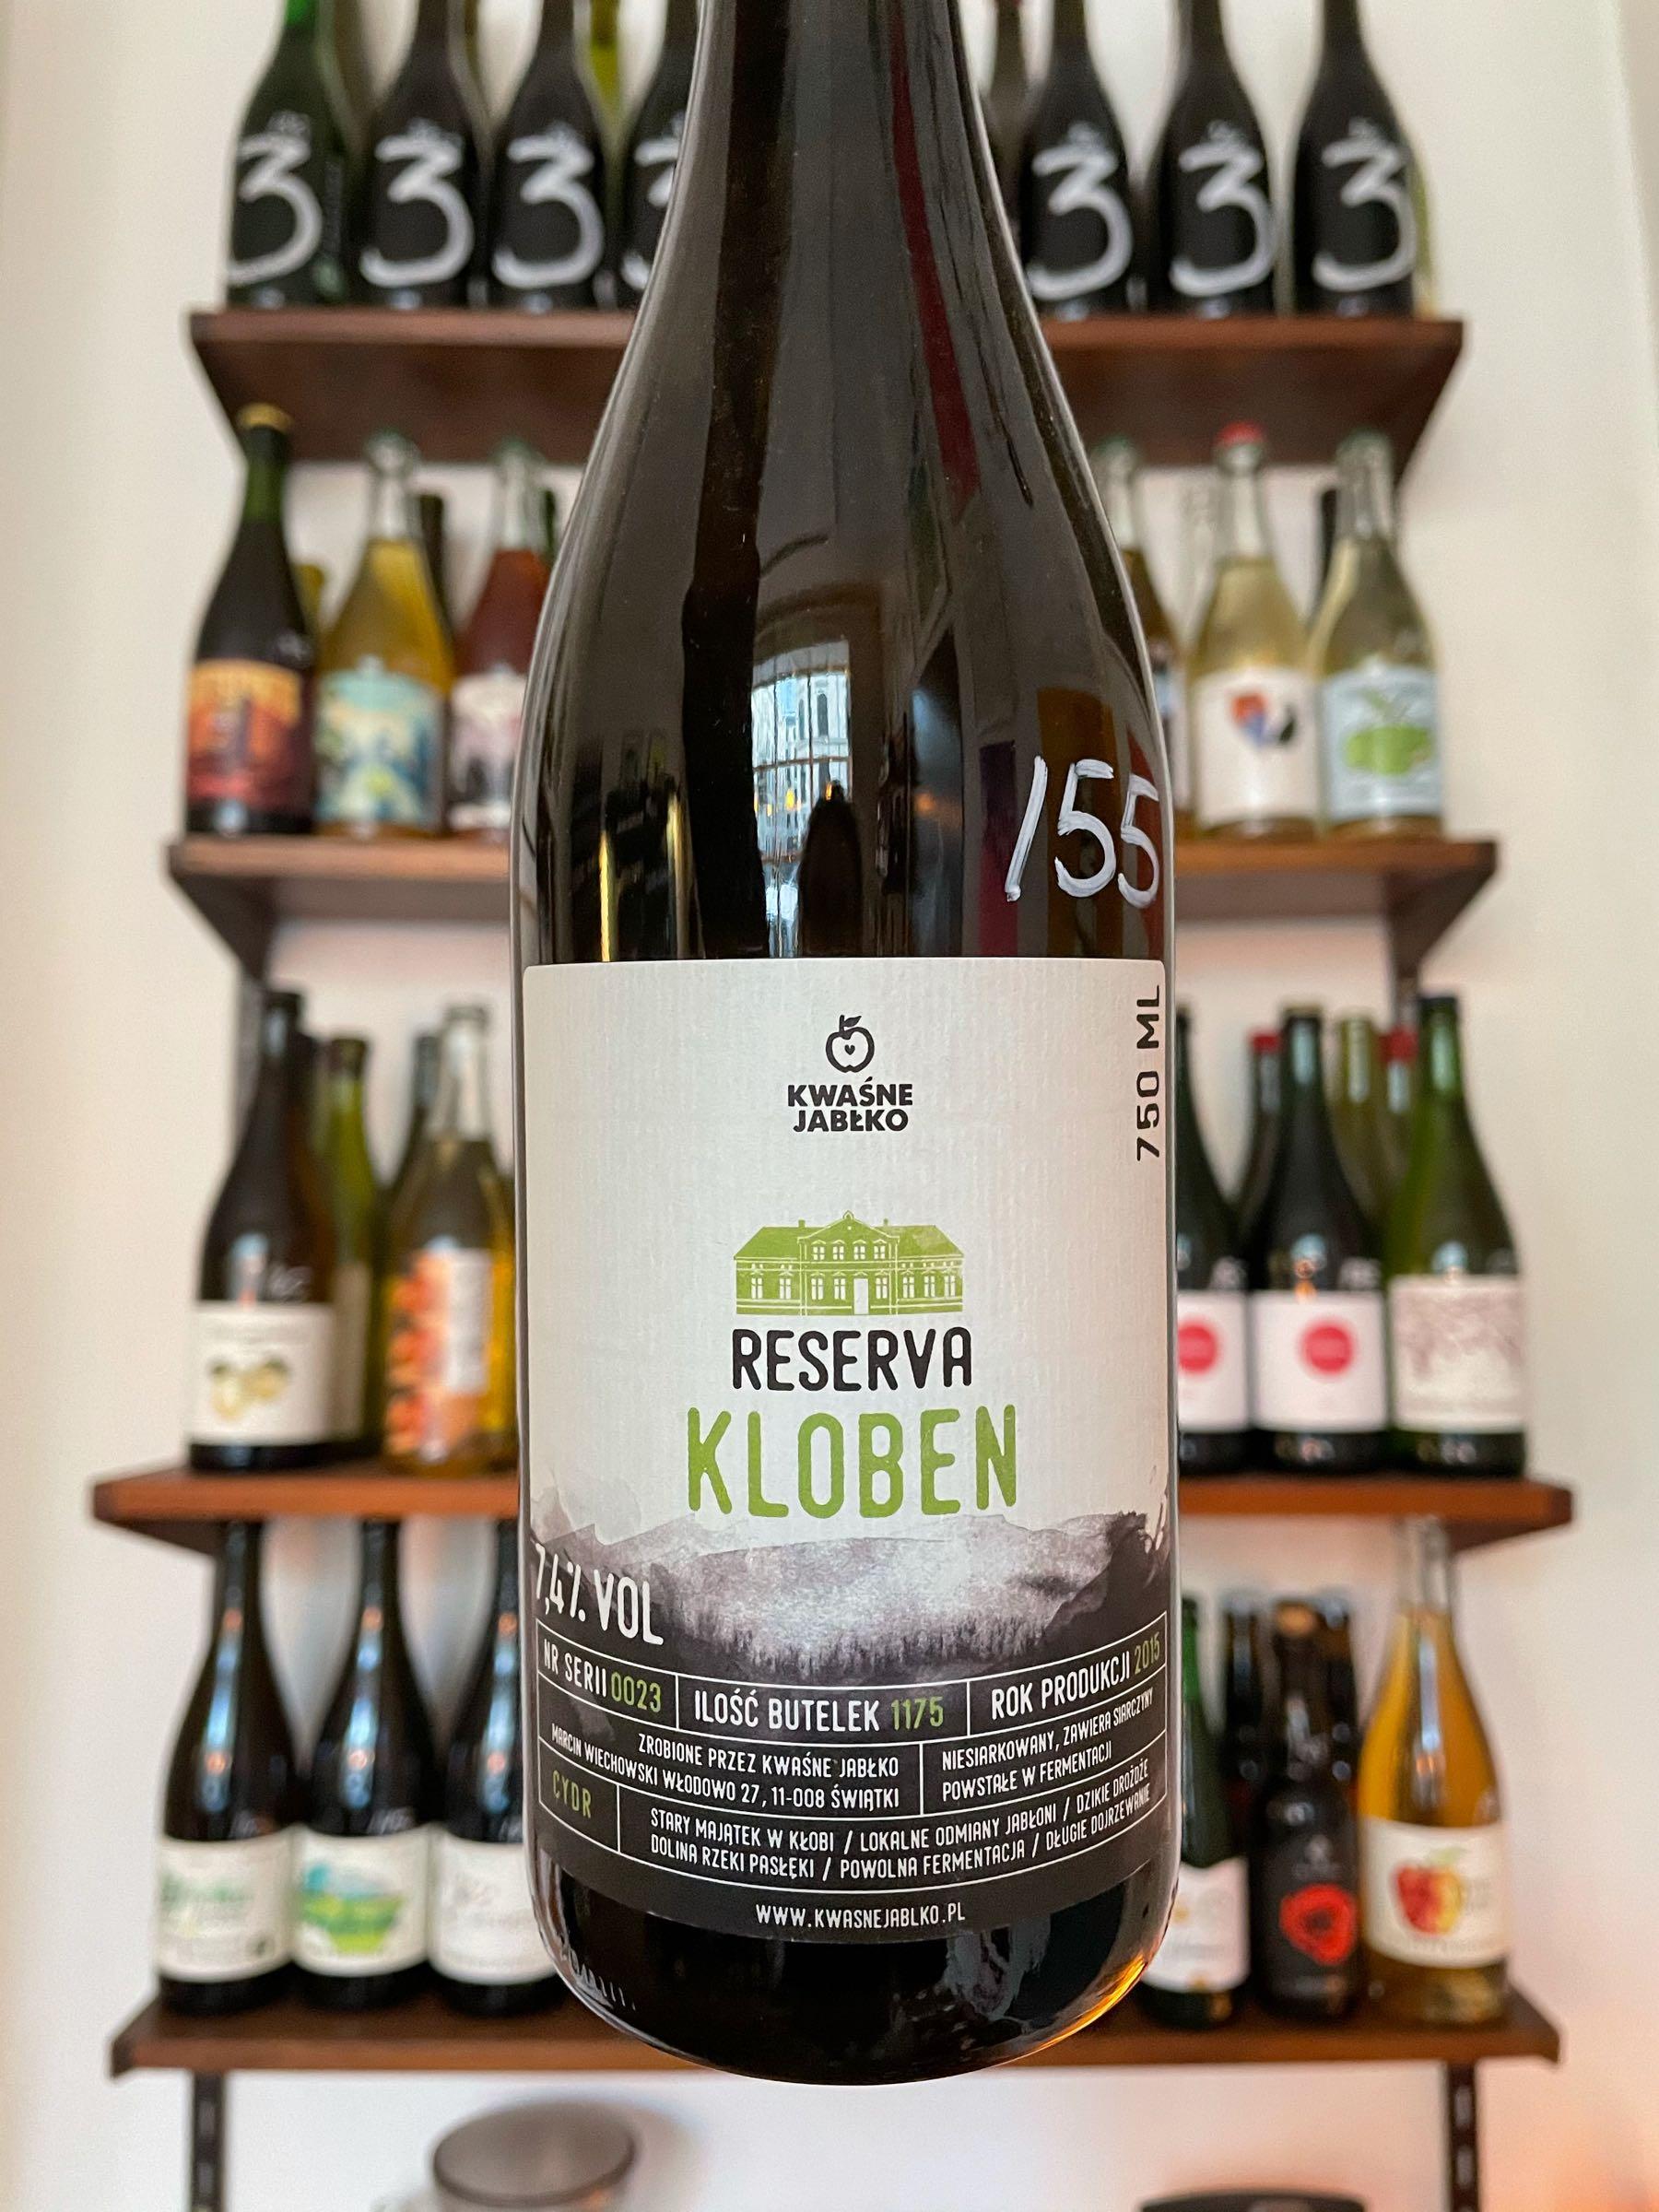 Reserve Kloben 2015 - Kwasne Jablko